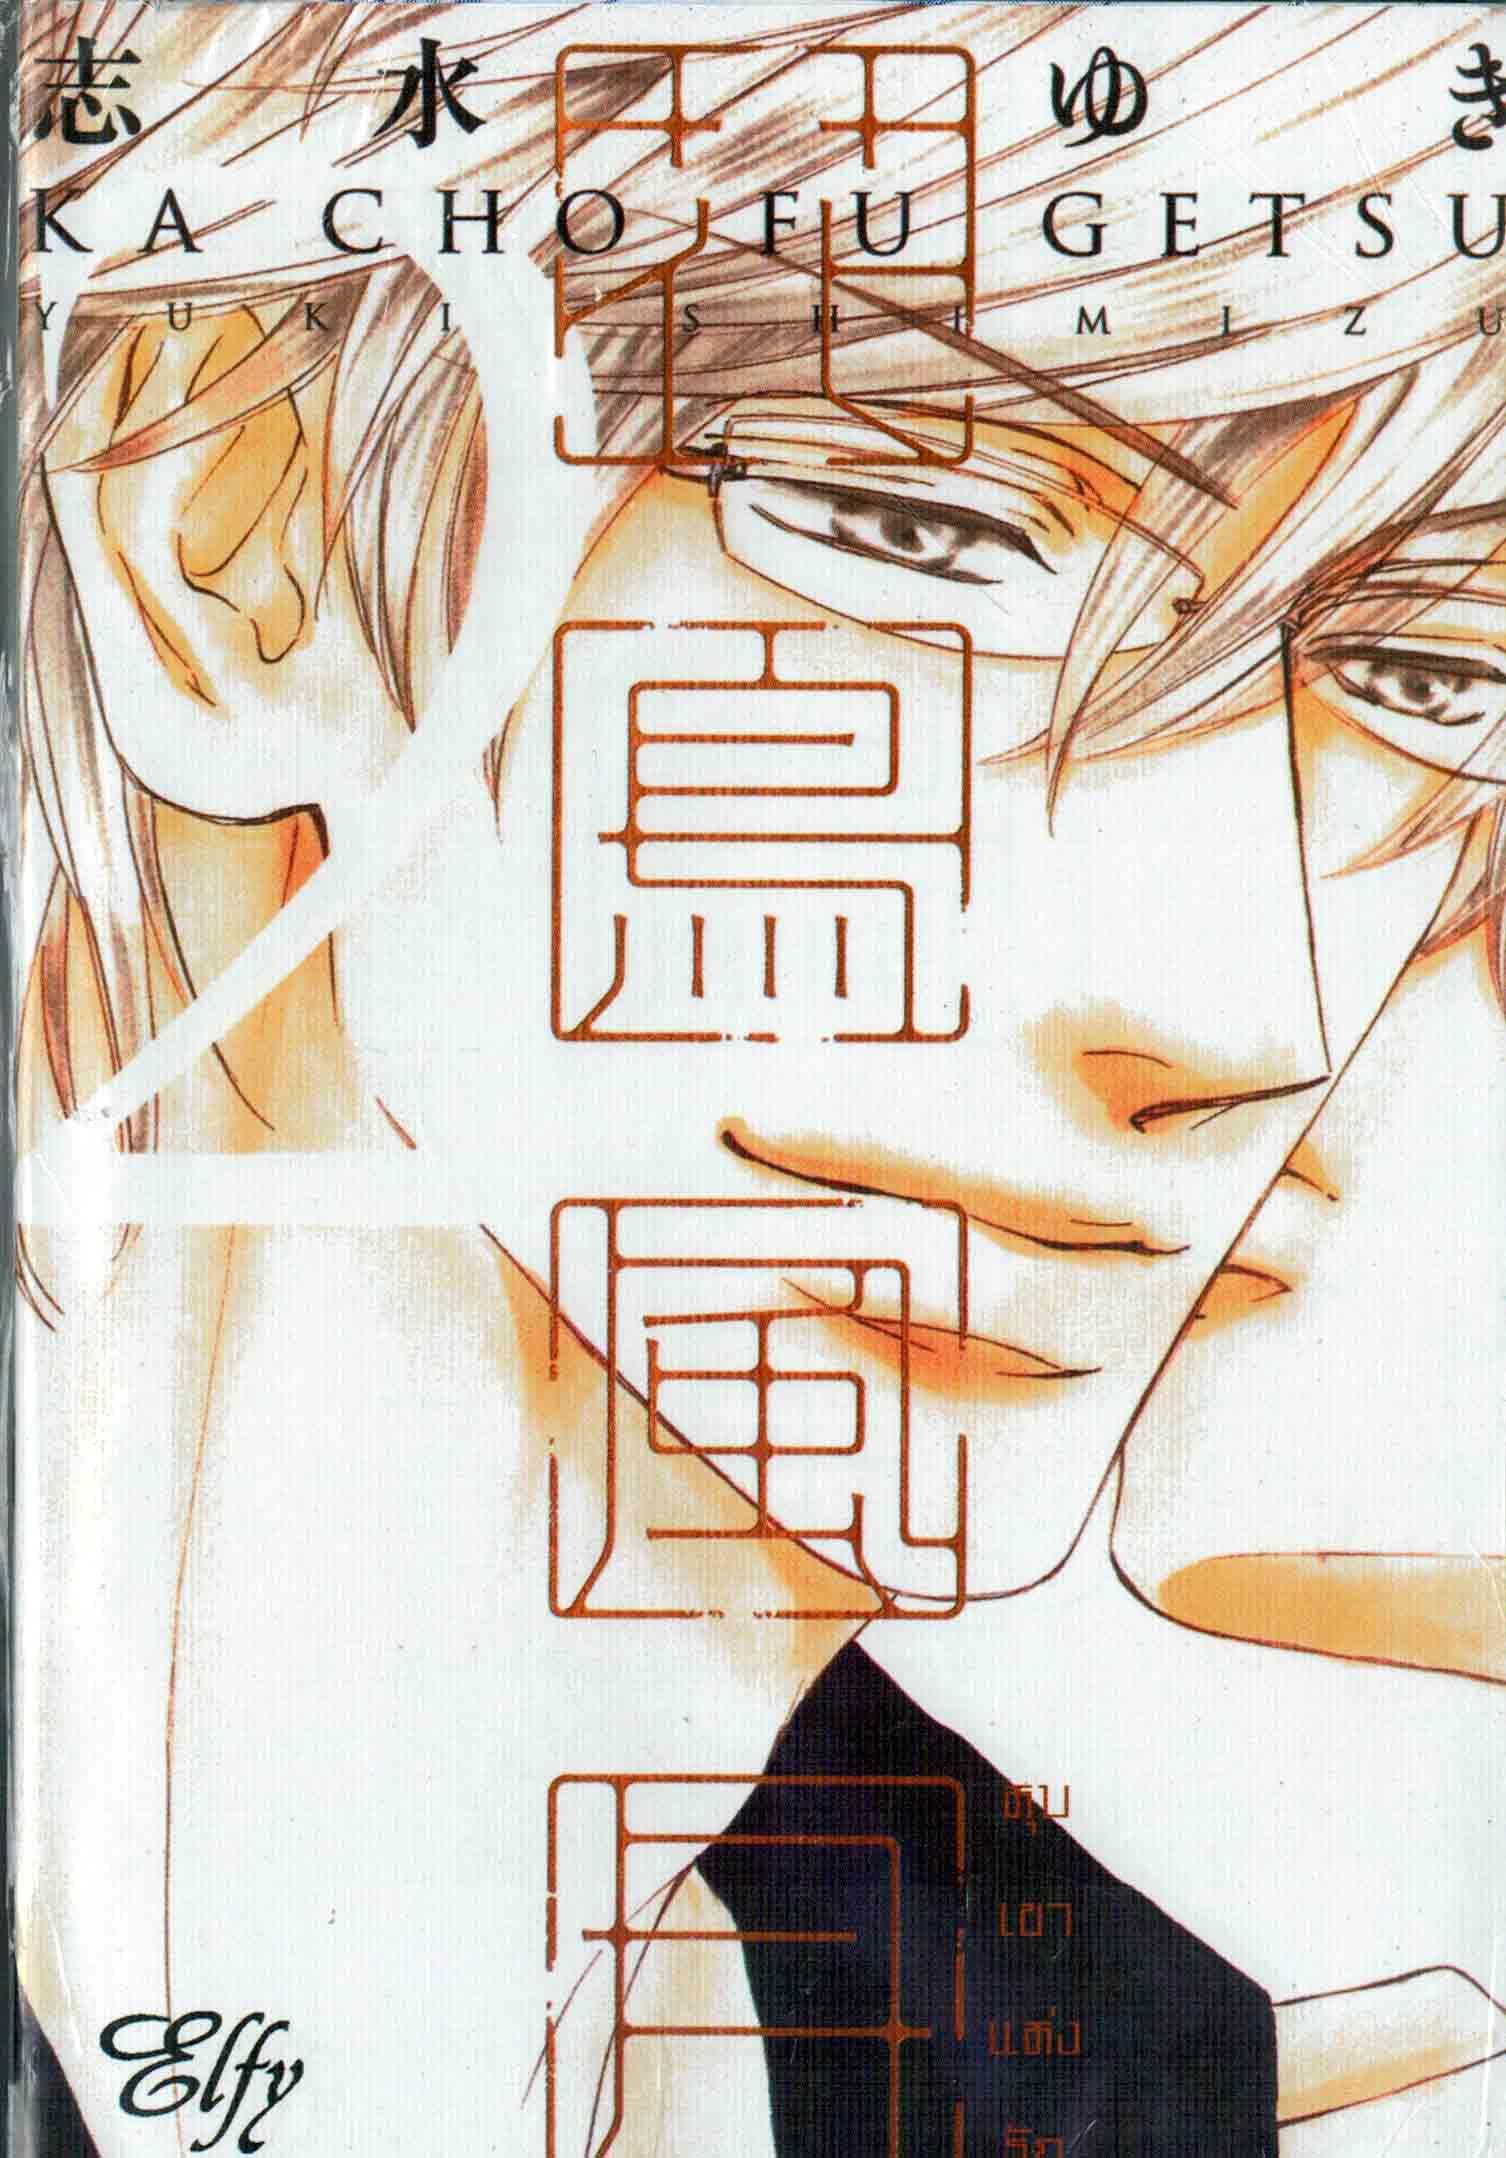 หุบเขาแห่งรัก 2 - Yuki ShiMiZu